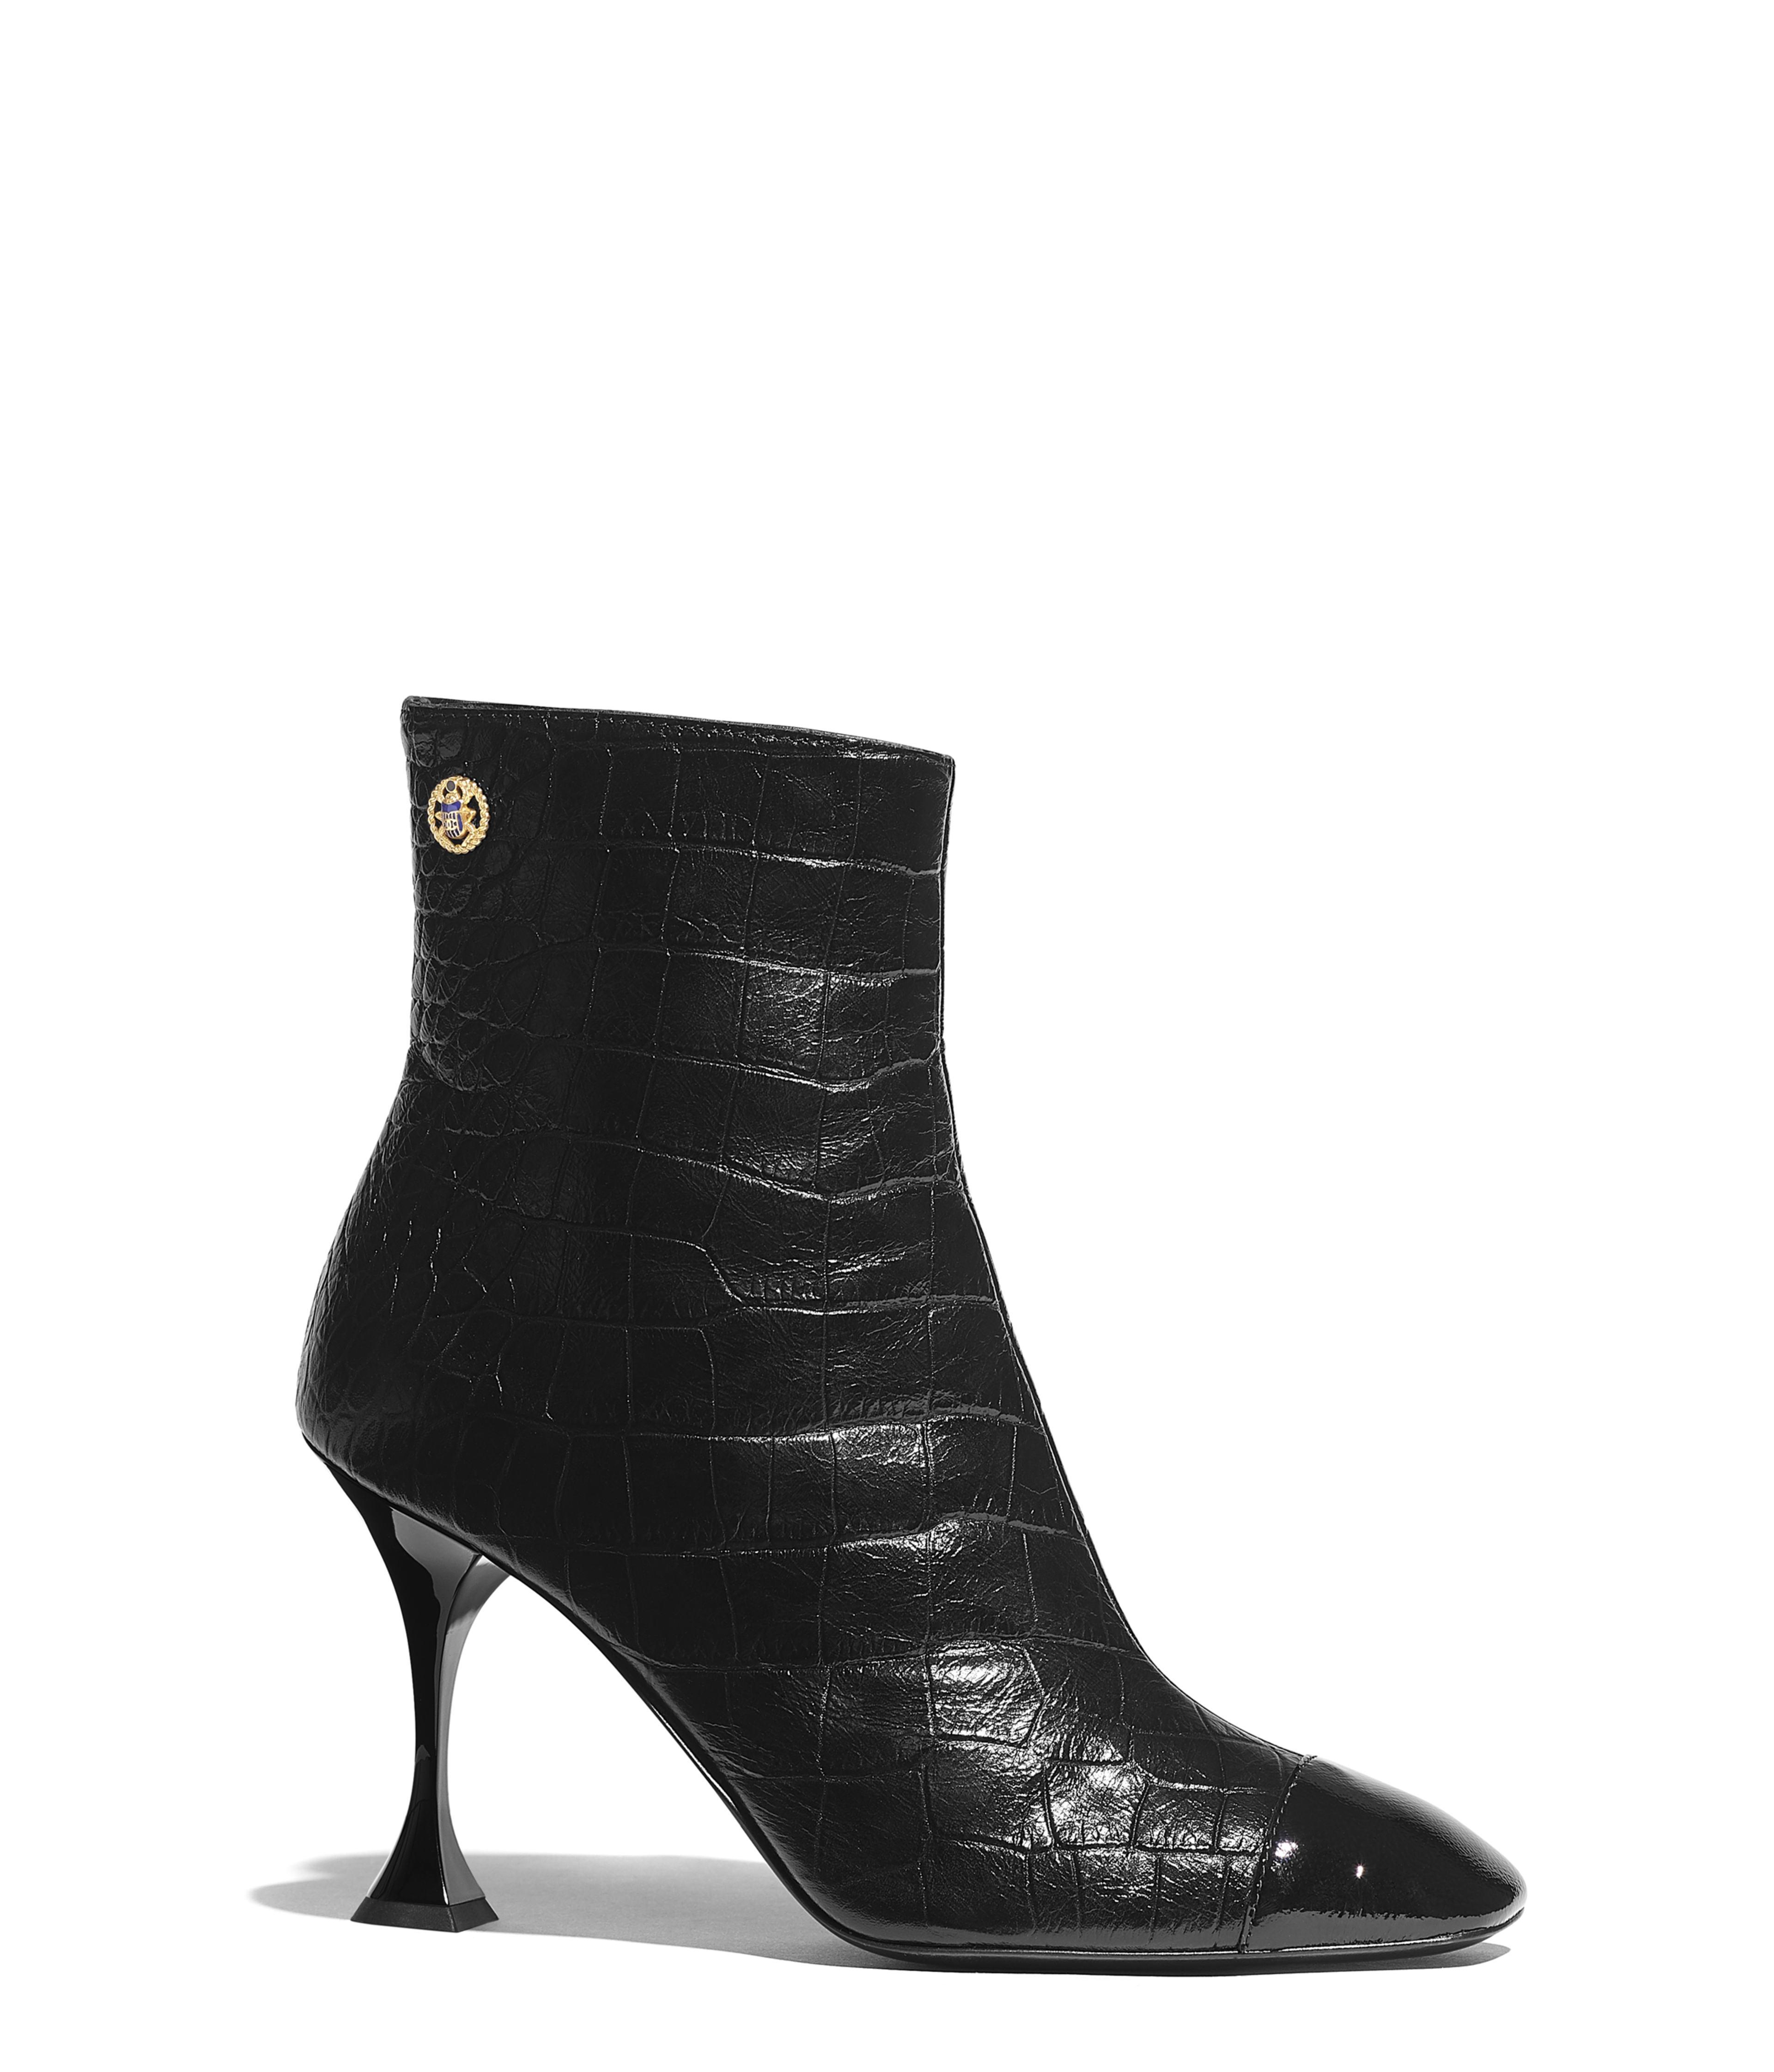 4dc0e1d4254 Short Boots - Shoes | CHANEL